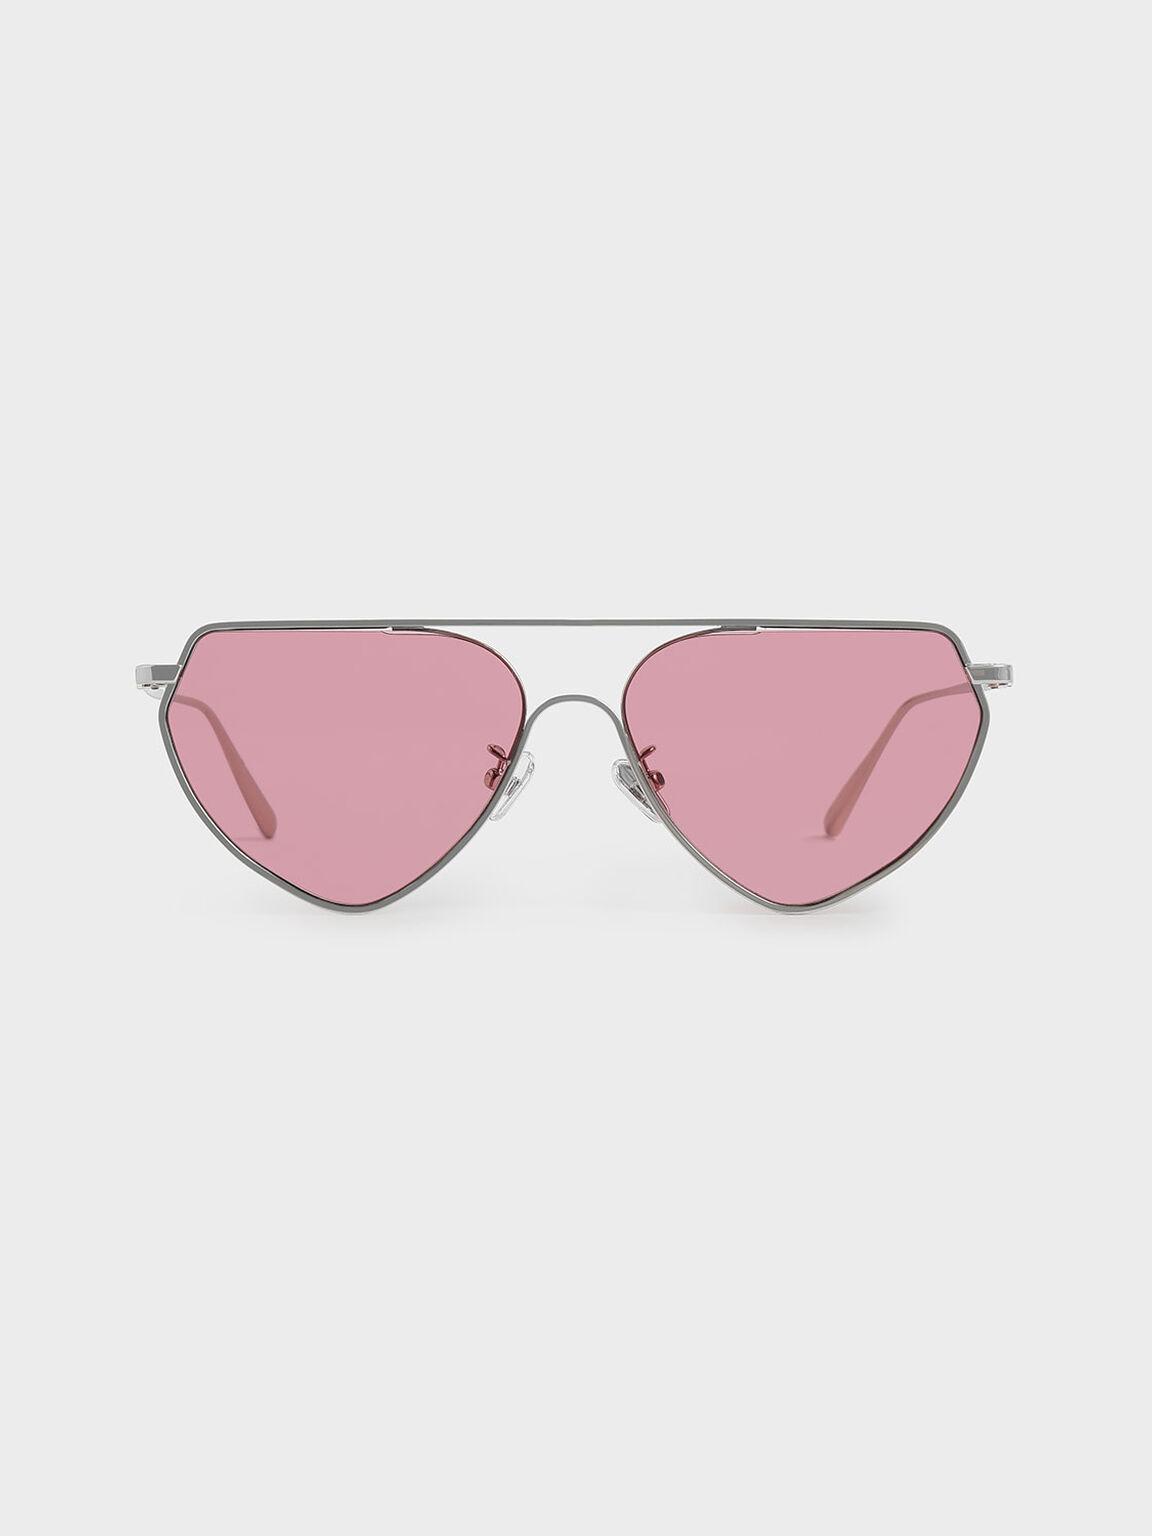 金屬框飛行員墨鏡, 粉紅色, hi-res